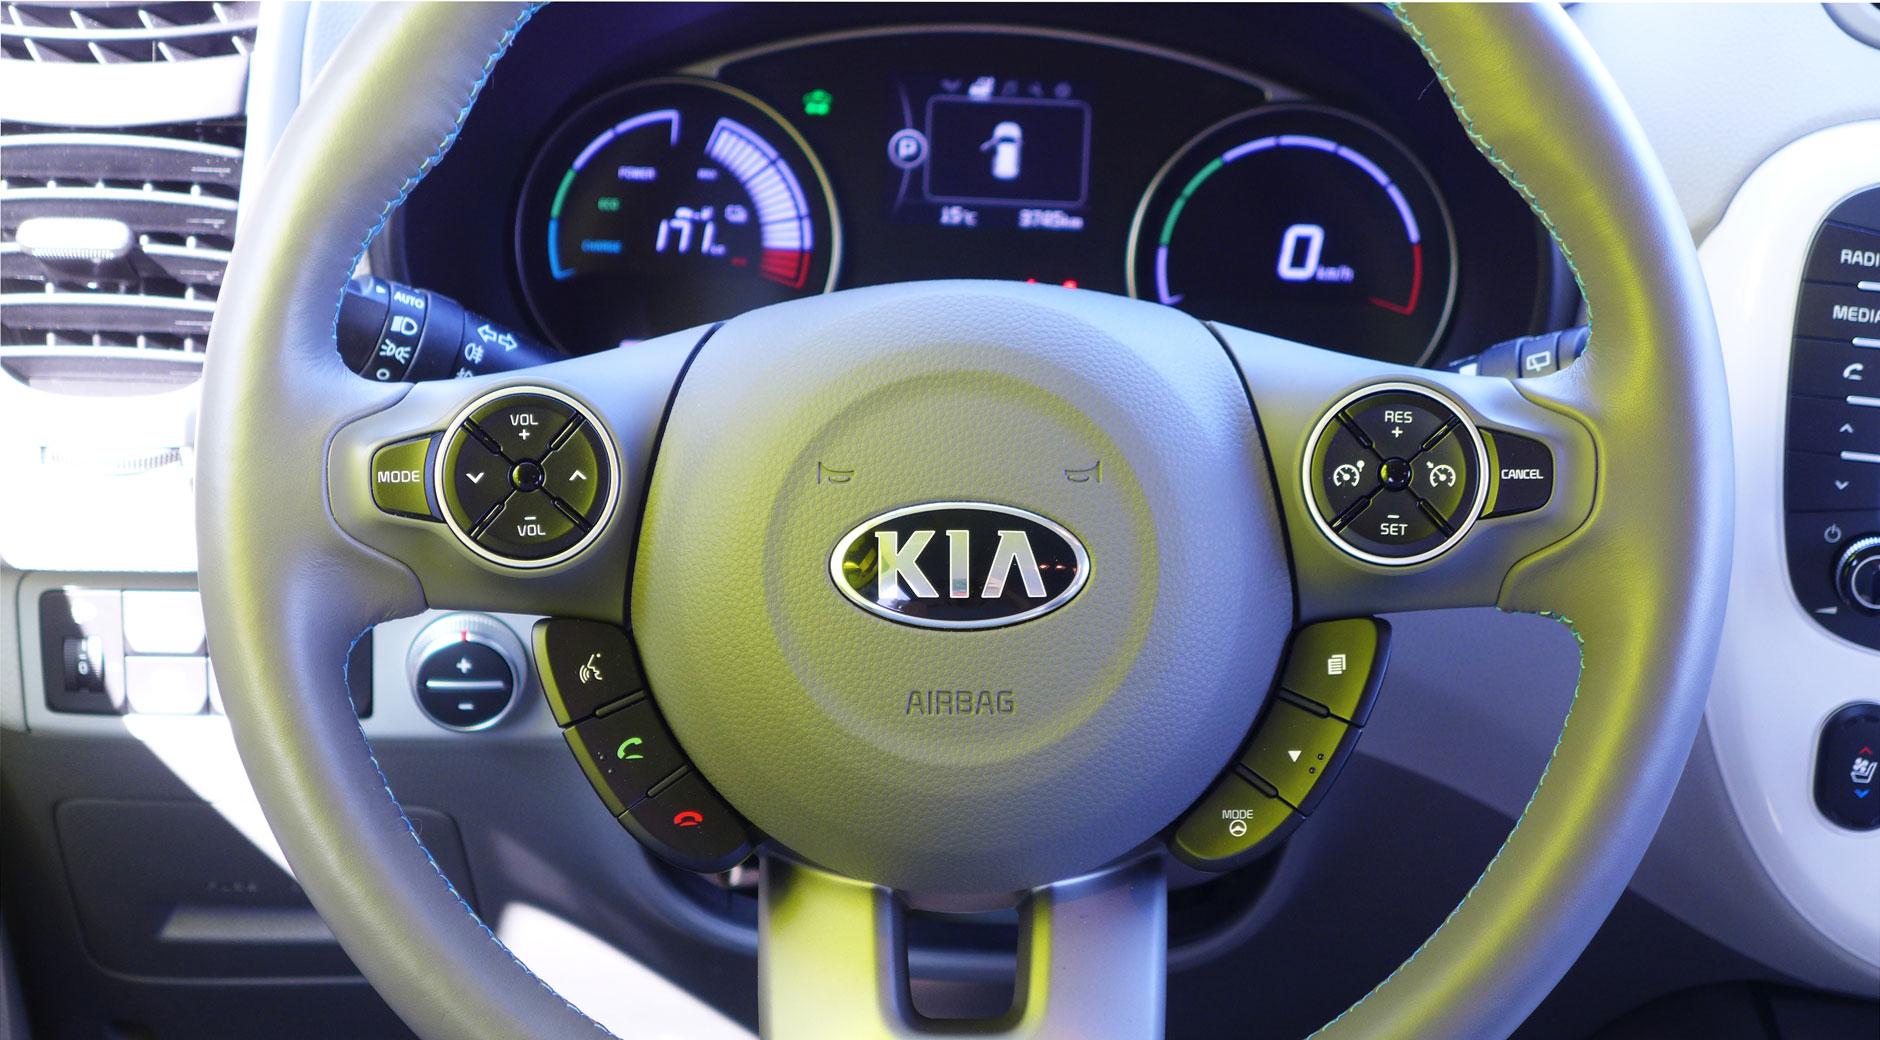 Auto Kühlschrank 12v Media Markt : Der kia soul ev u elektroauto im quadratzoepionierin